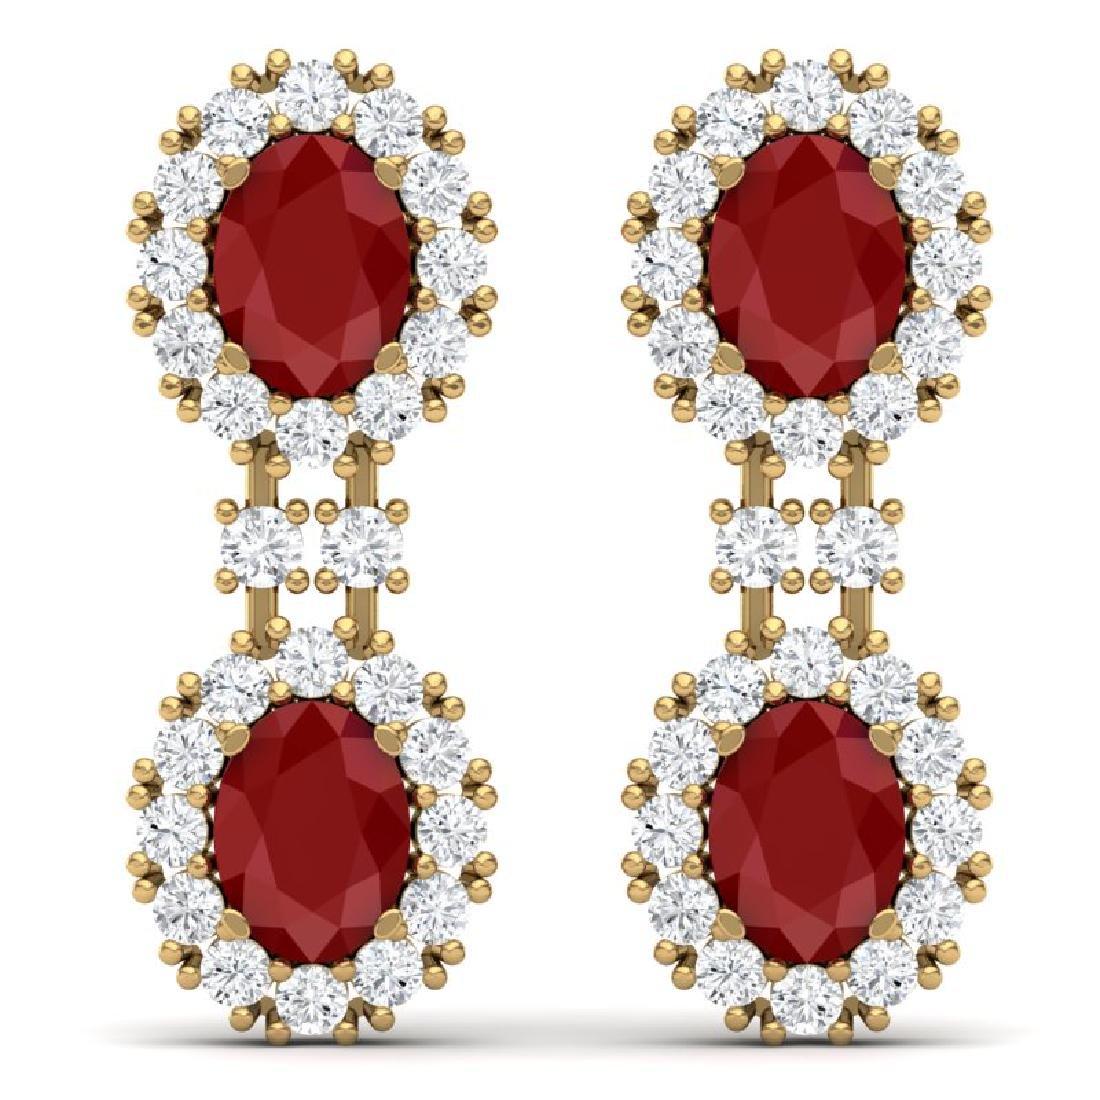 8.98 CTW Royalty Designer Ruby & VS Diamond Earrings